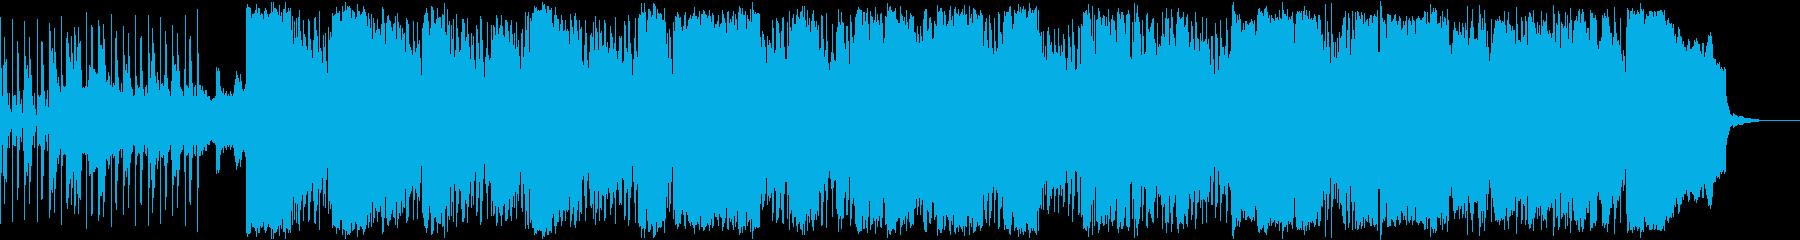 エスニック風BGMの再生済みの波形